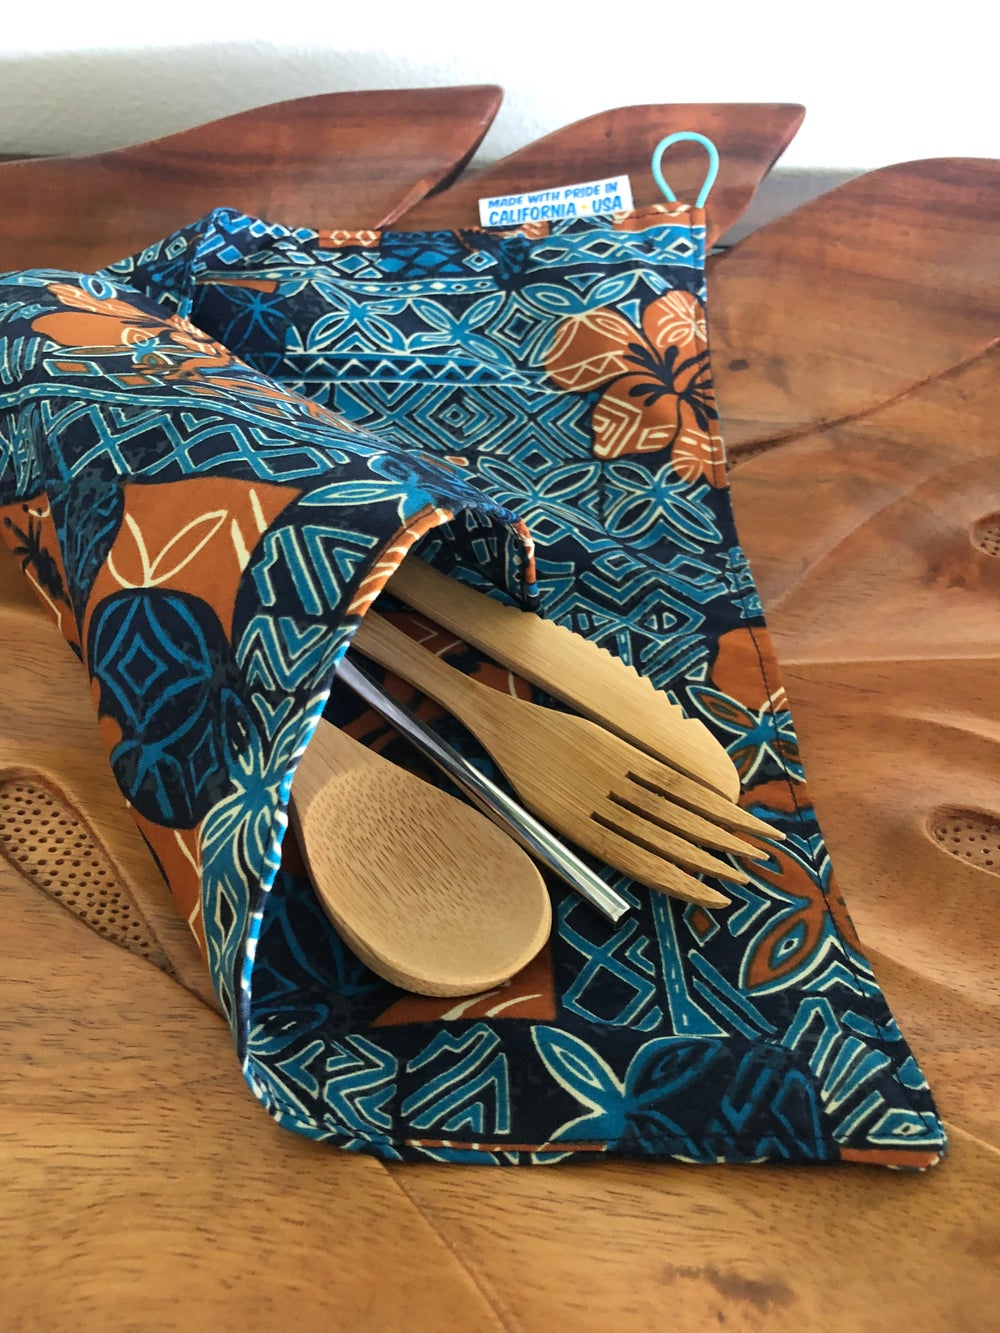 Image of 'Beach Burrito' Reusable Utensil Kit